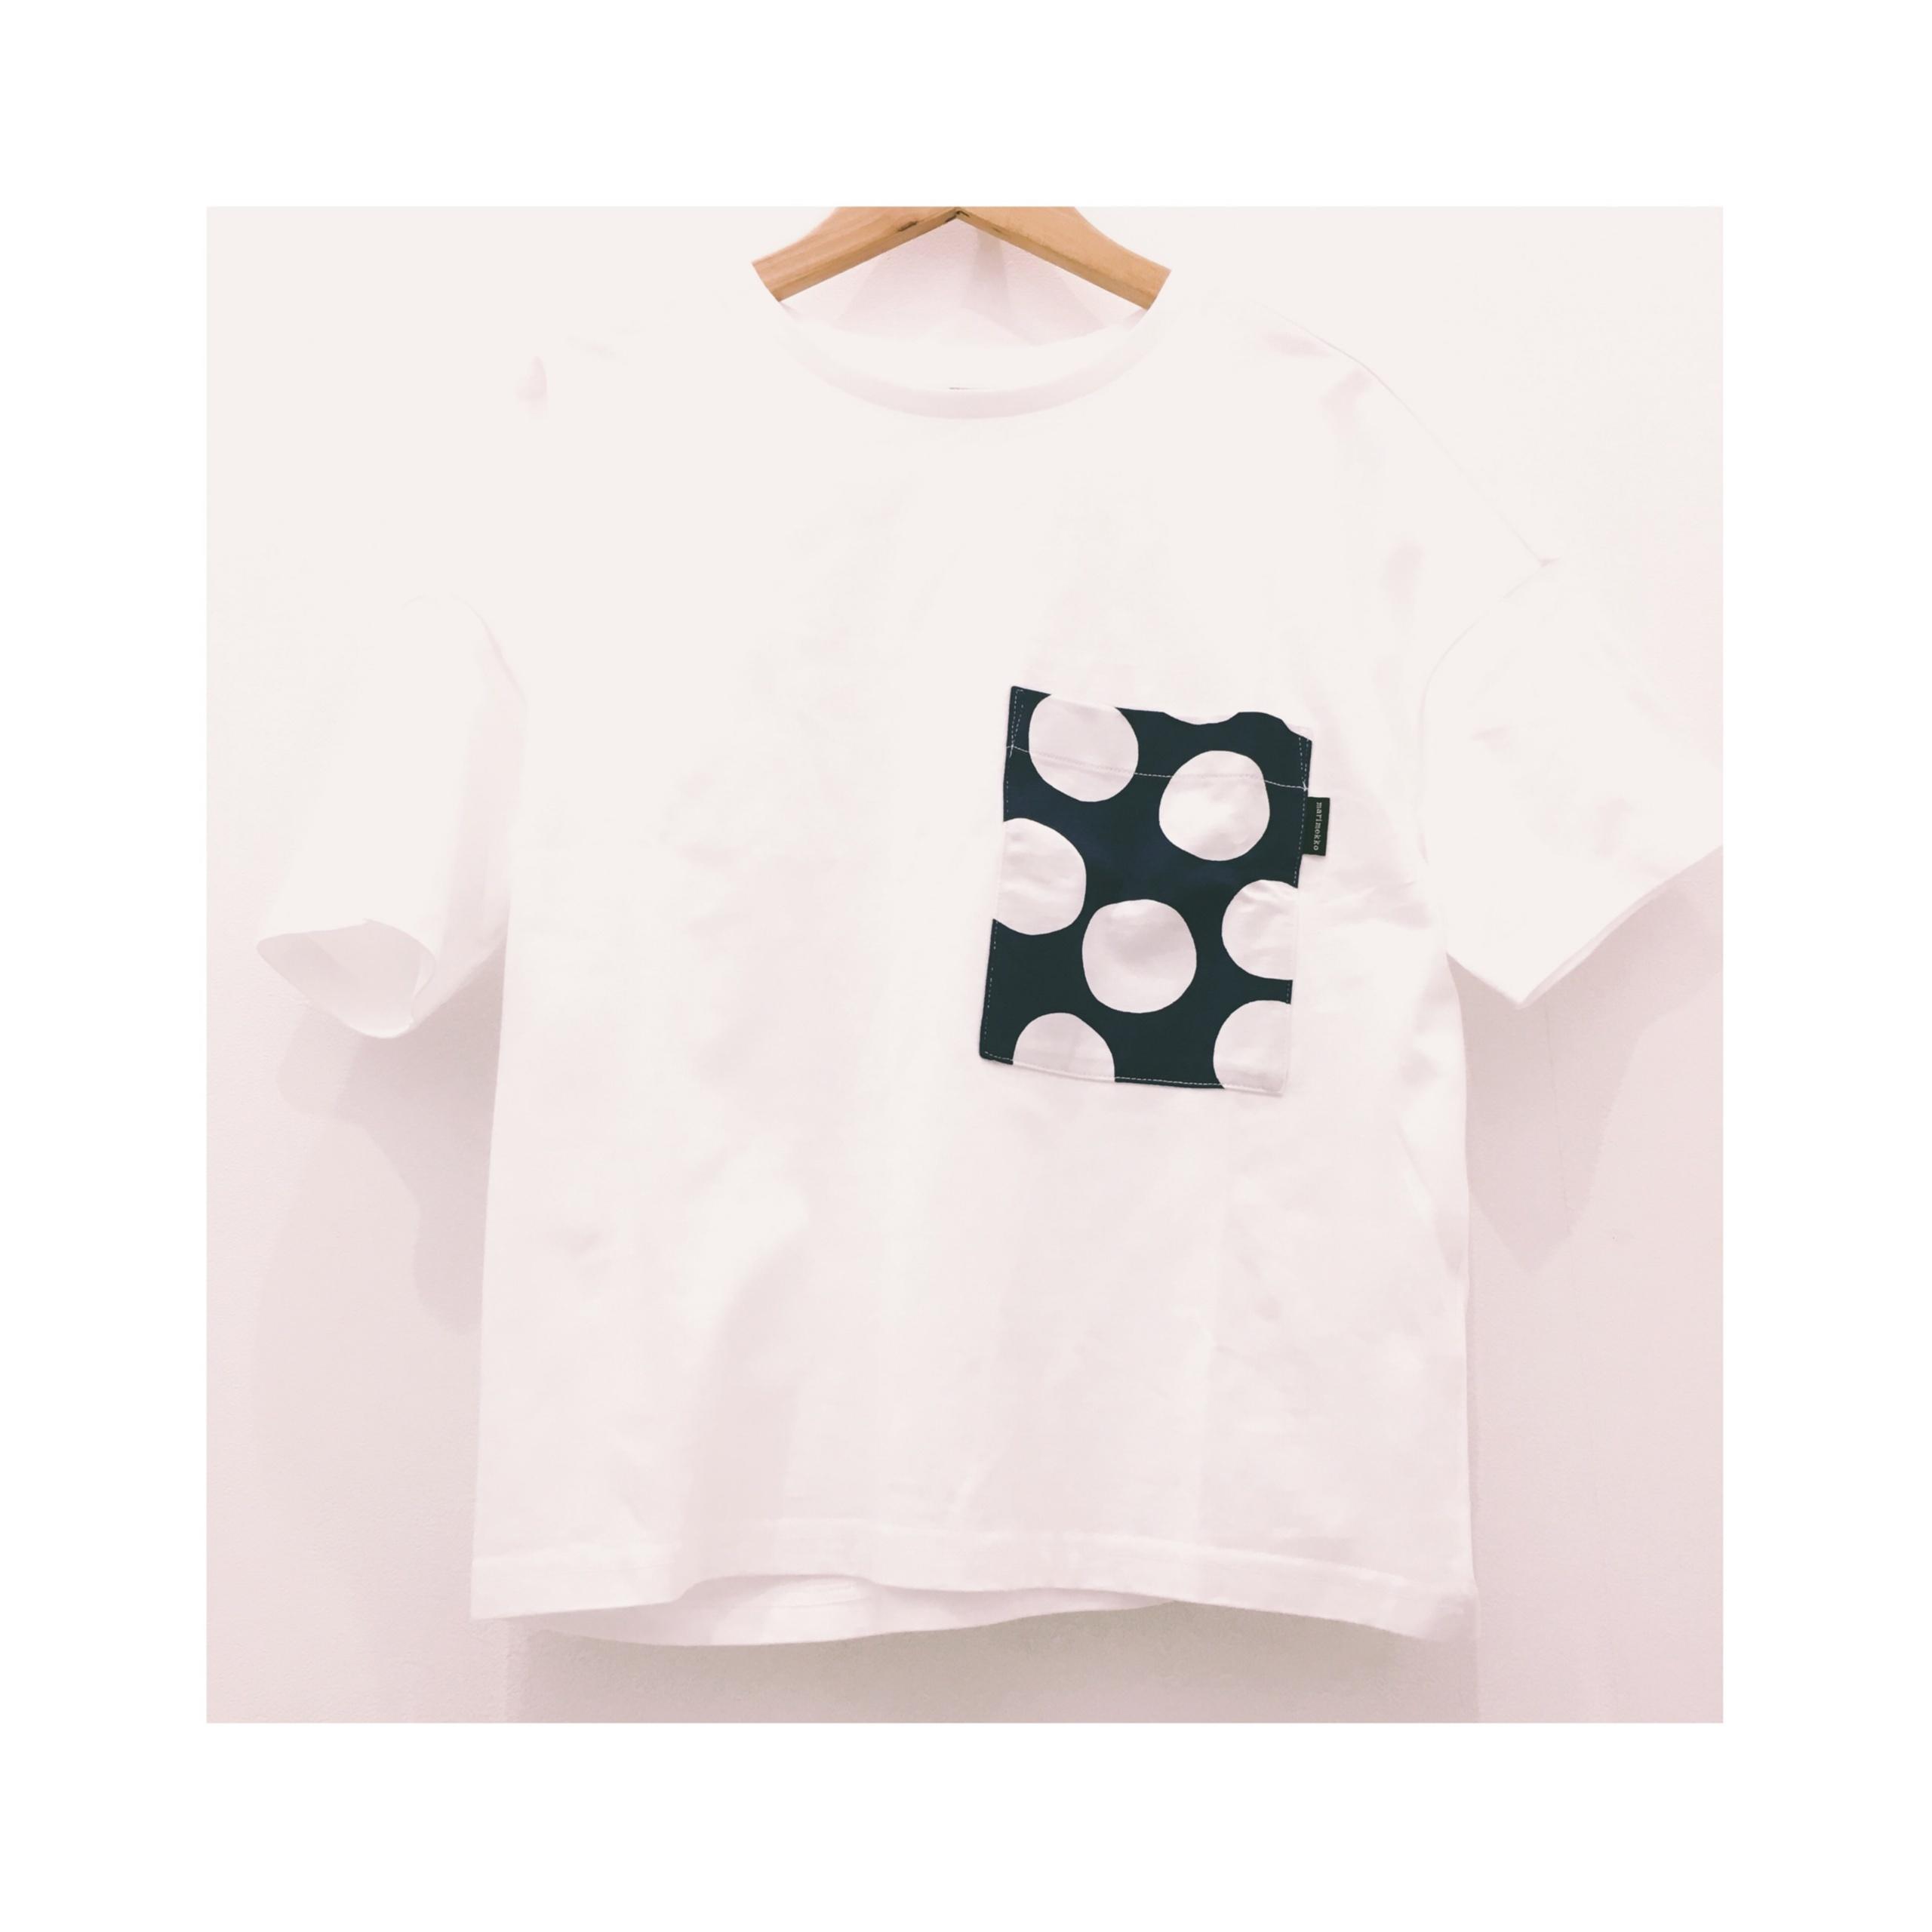 《本日3/30発売開始!》あれもこれも全部欲しい…★【UNIQLO】×【marimekko】のコラボアイテムが可愛すぎる❤️私はコレを買いました✌︎❤︎_3